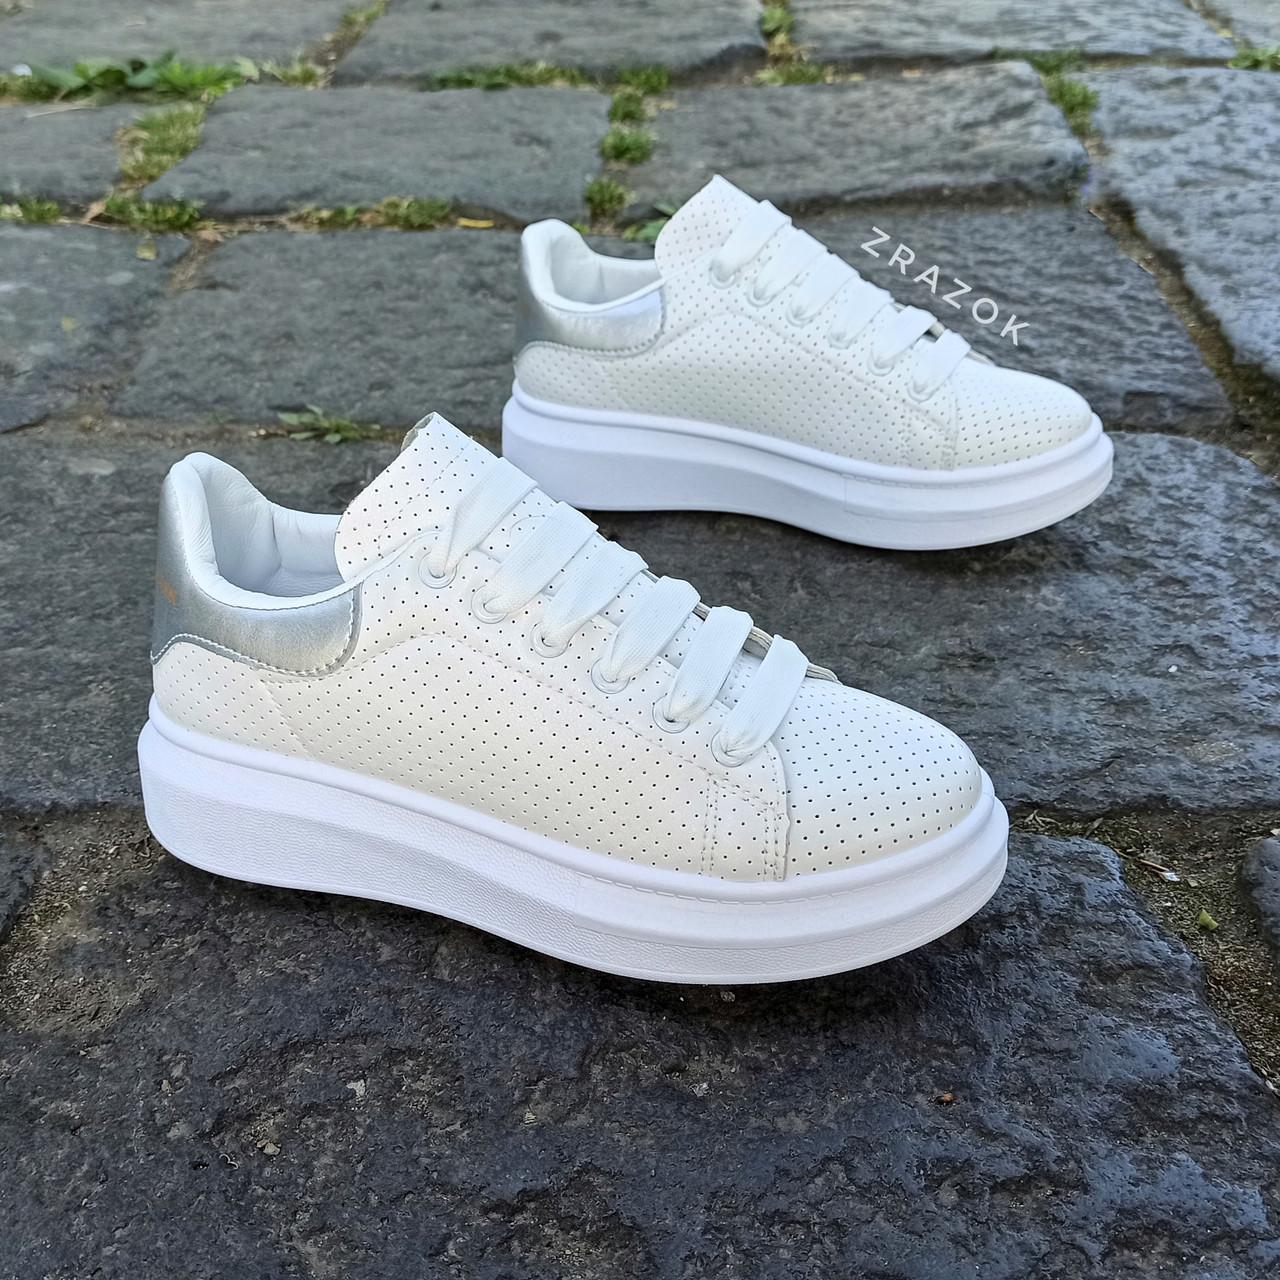 Кросівки ALEXANDER MCQUEEN |копія| білі розміри 36-41 на товстій підошві високі еко шкіряні перфорація